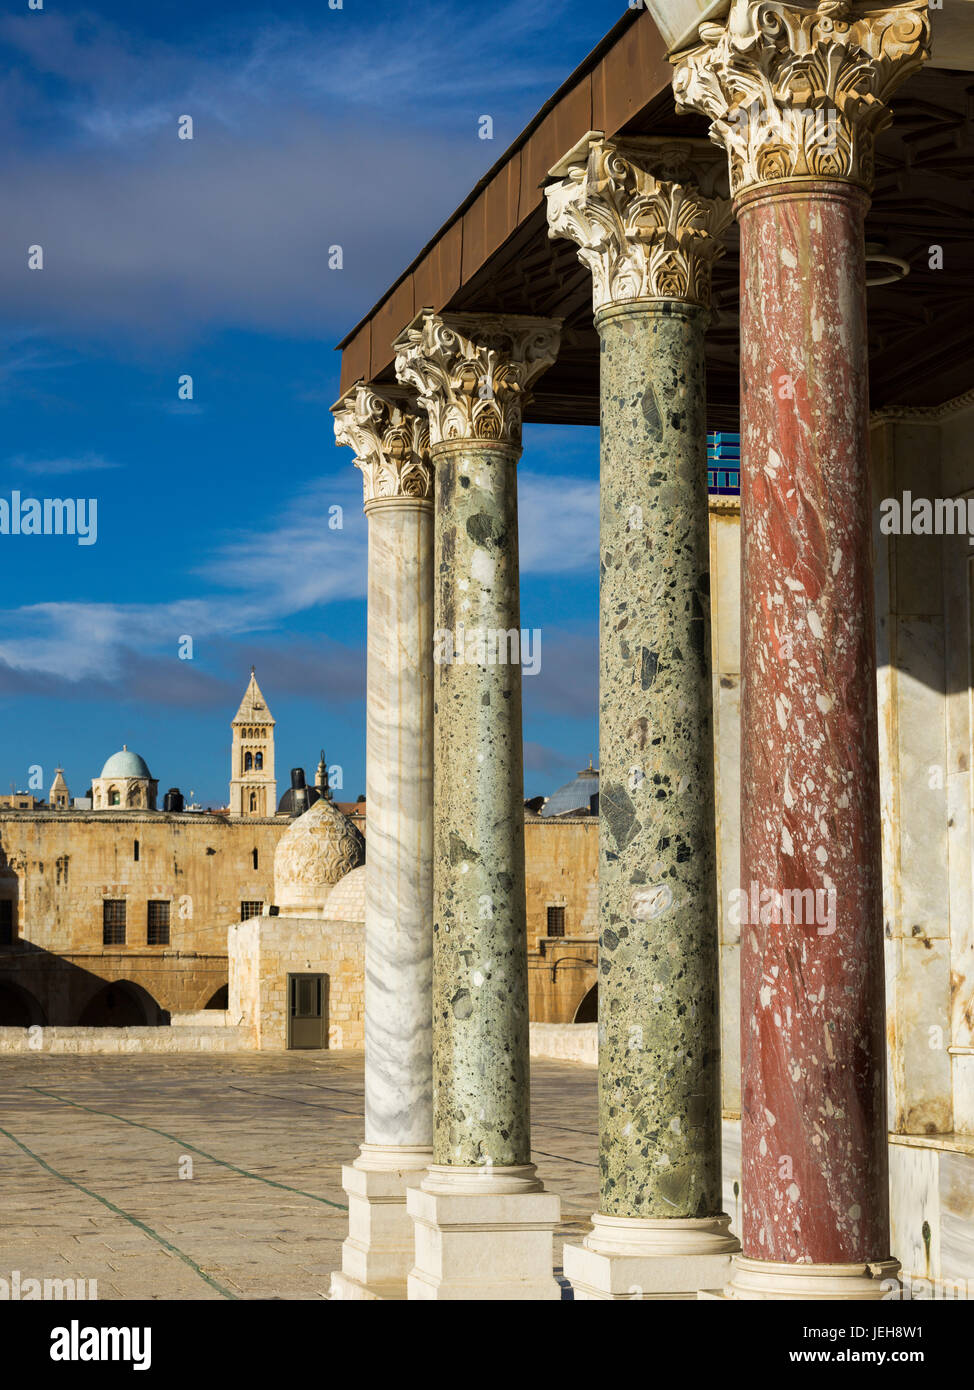 Monte del Tempio nella Città Vecchia di Gerusalemme. Gerusalemme, Israele Immagini Stock